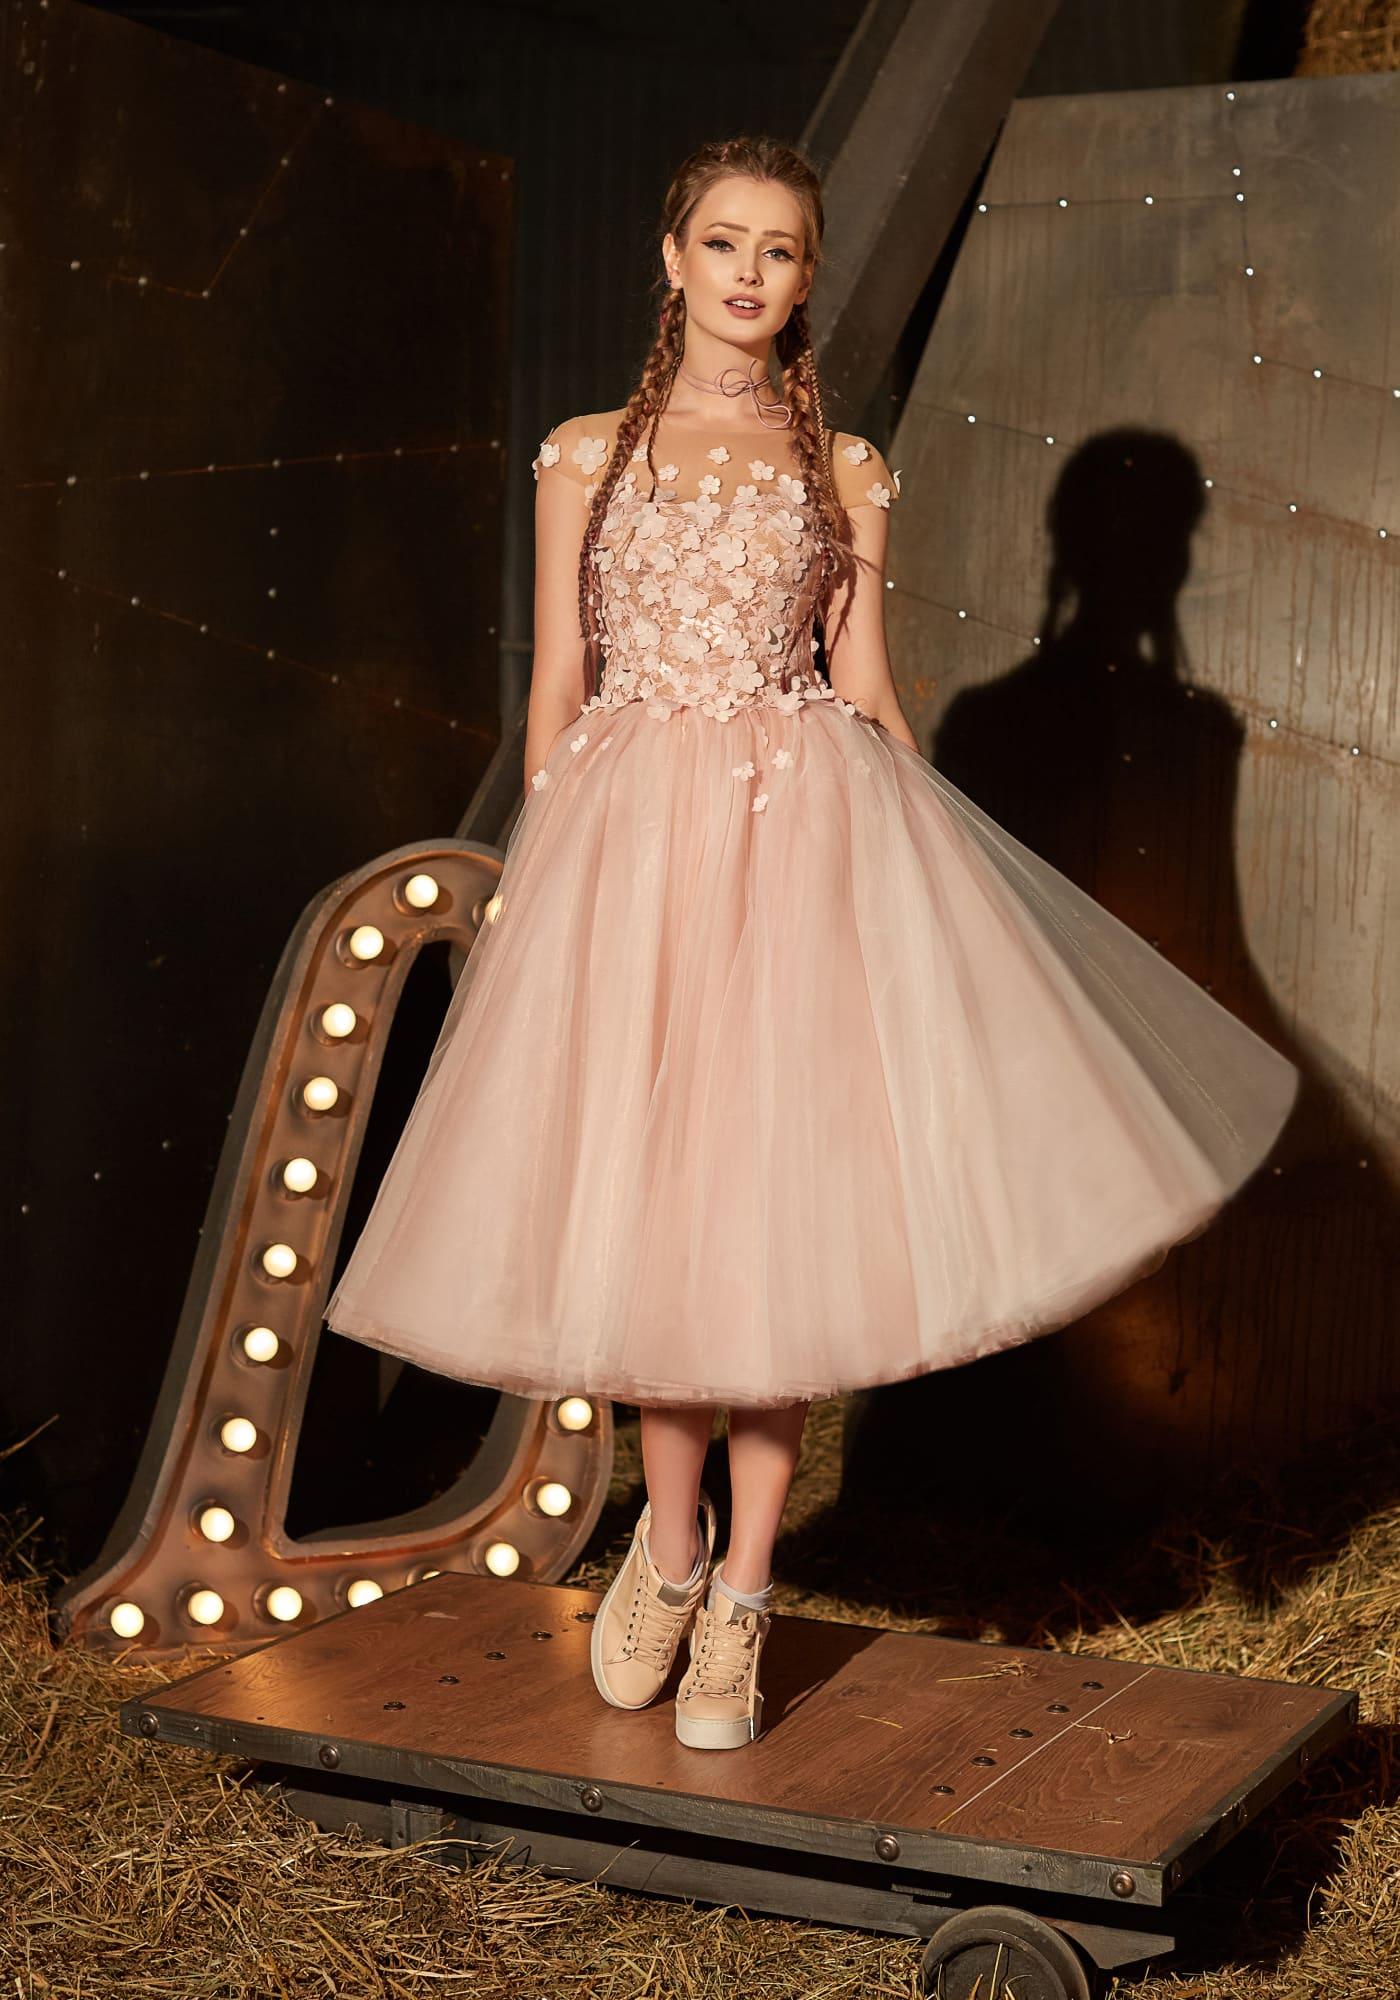 114b14397a246a2 Романтичное вечернее платье с пышной юбкой миди и лифом, оформленным  аппликациями.